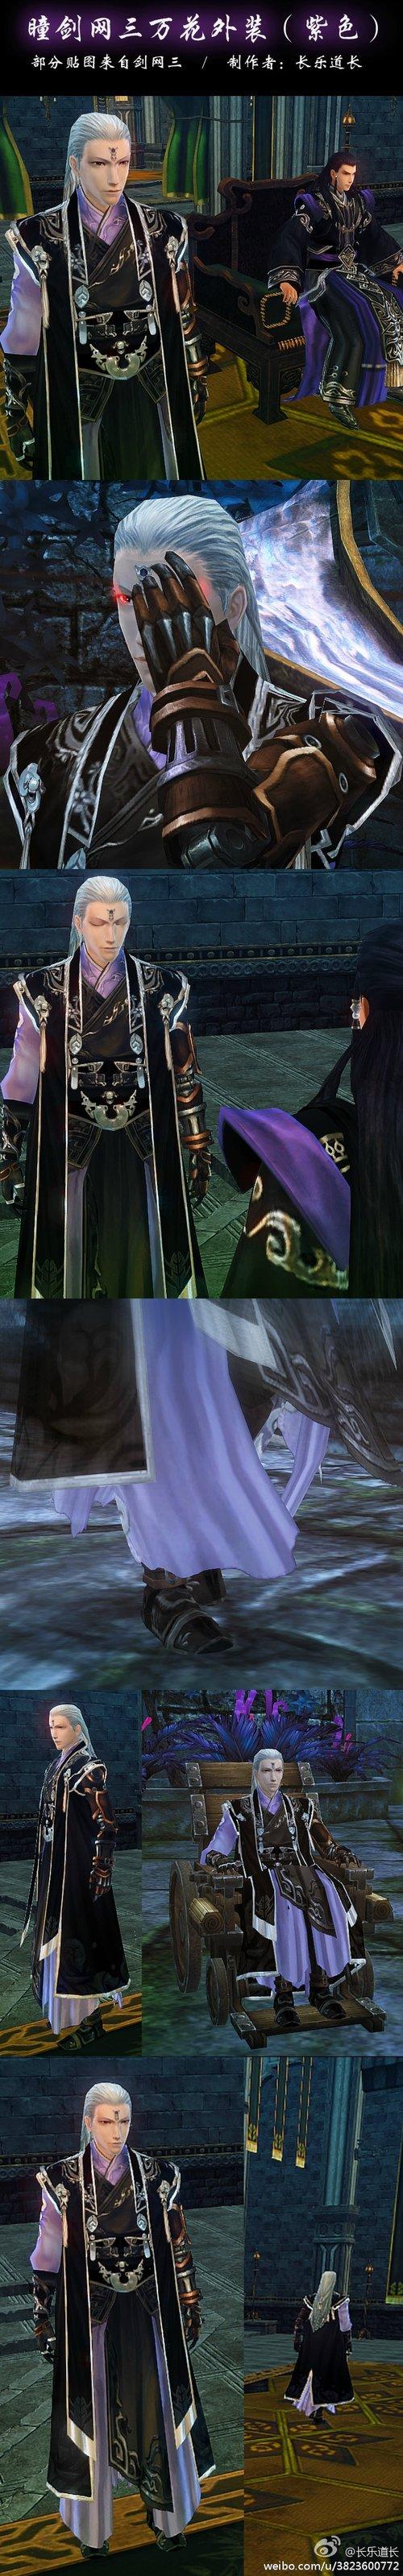 《古剑奇谭2》MOD  瞳剑网三万花外装mod